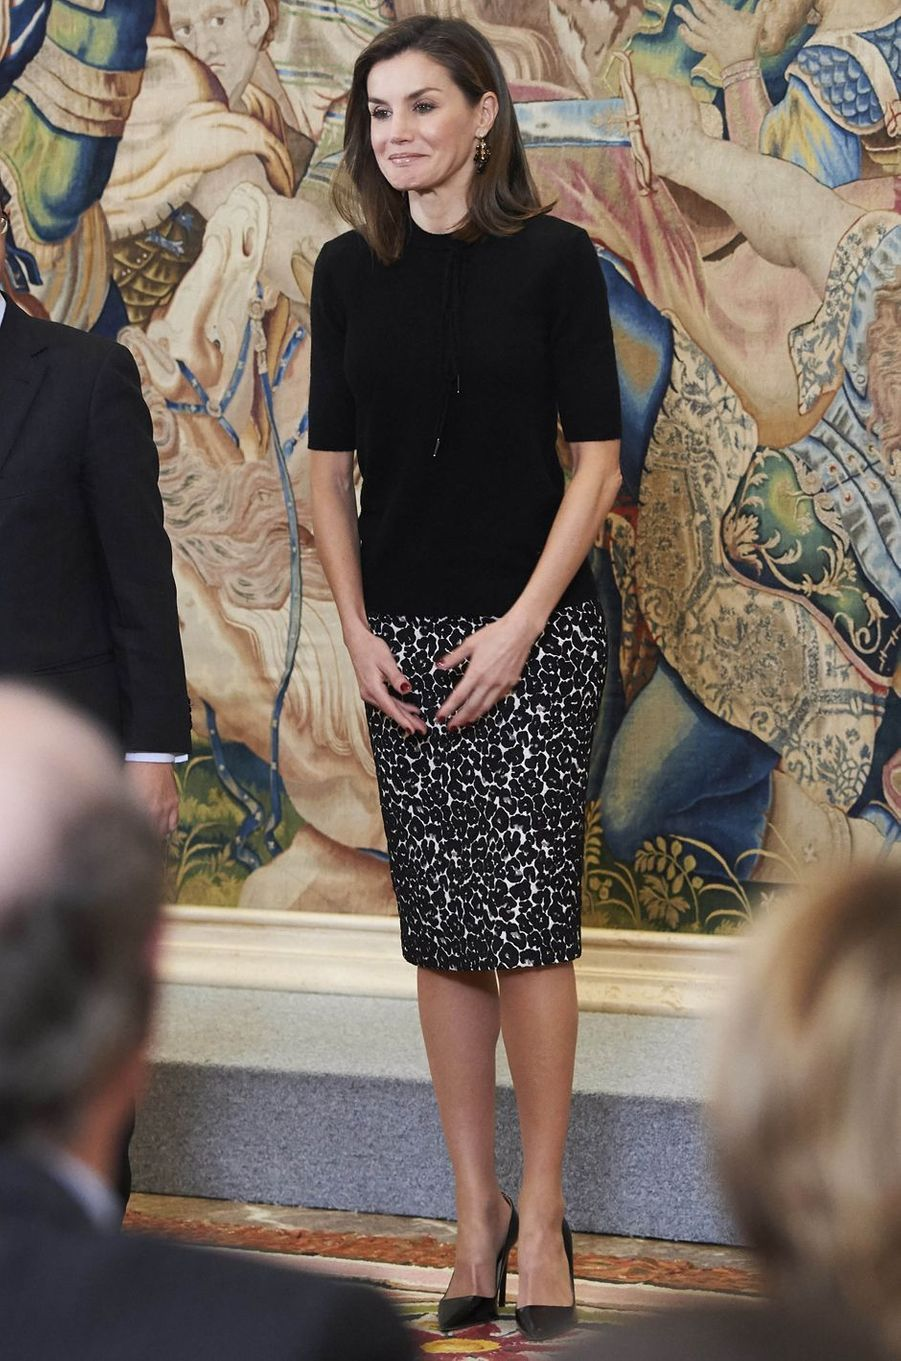 La reine Letizia d'Espagne dans une jupe Roberto Verino à Madrid, le 9 février 2018